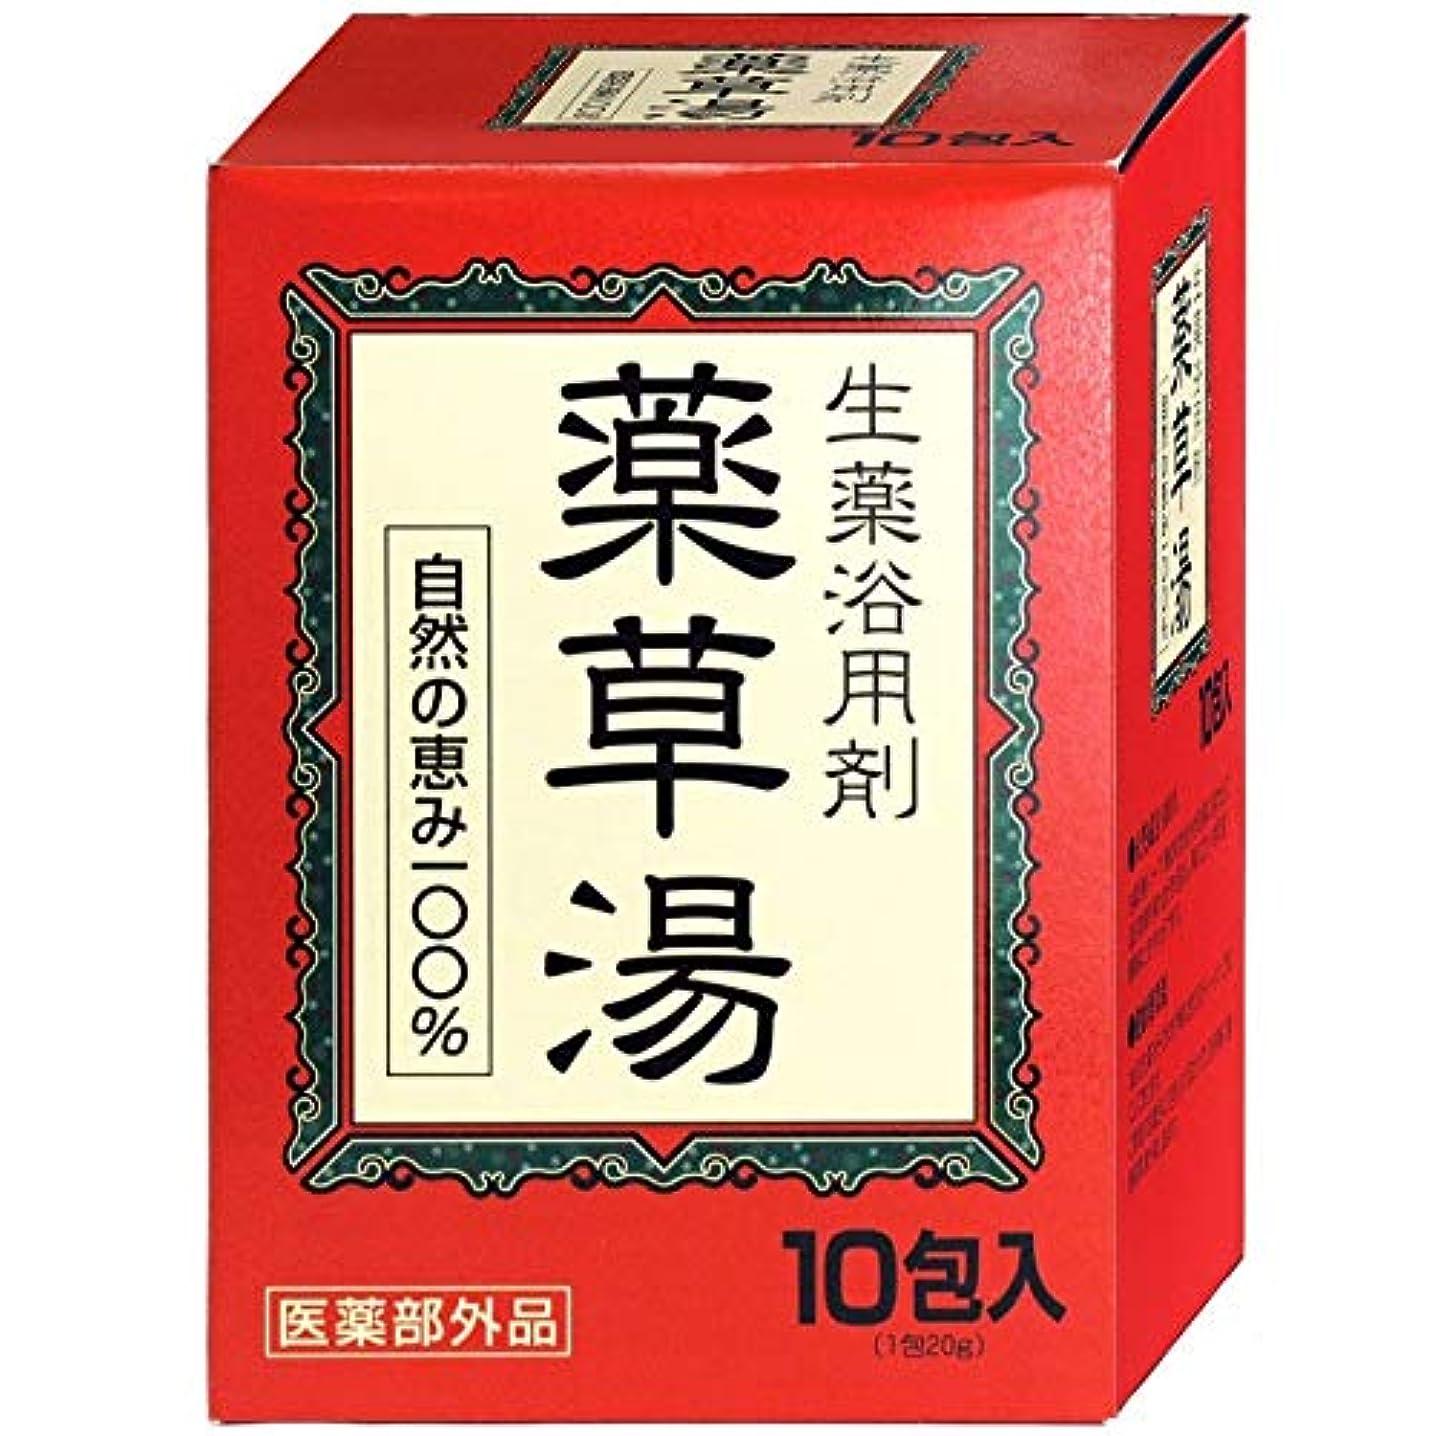 交通渋滞絶縁する引数VVN生薬入浴剤薬草湯10包×(10セット)